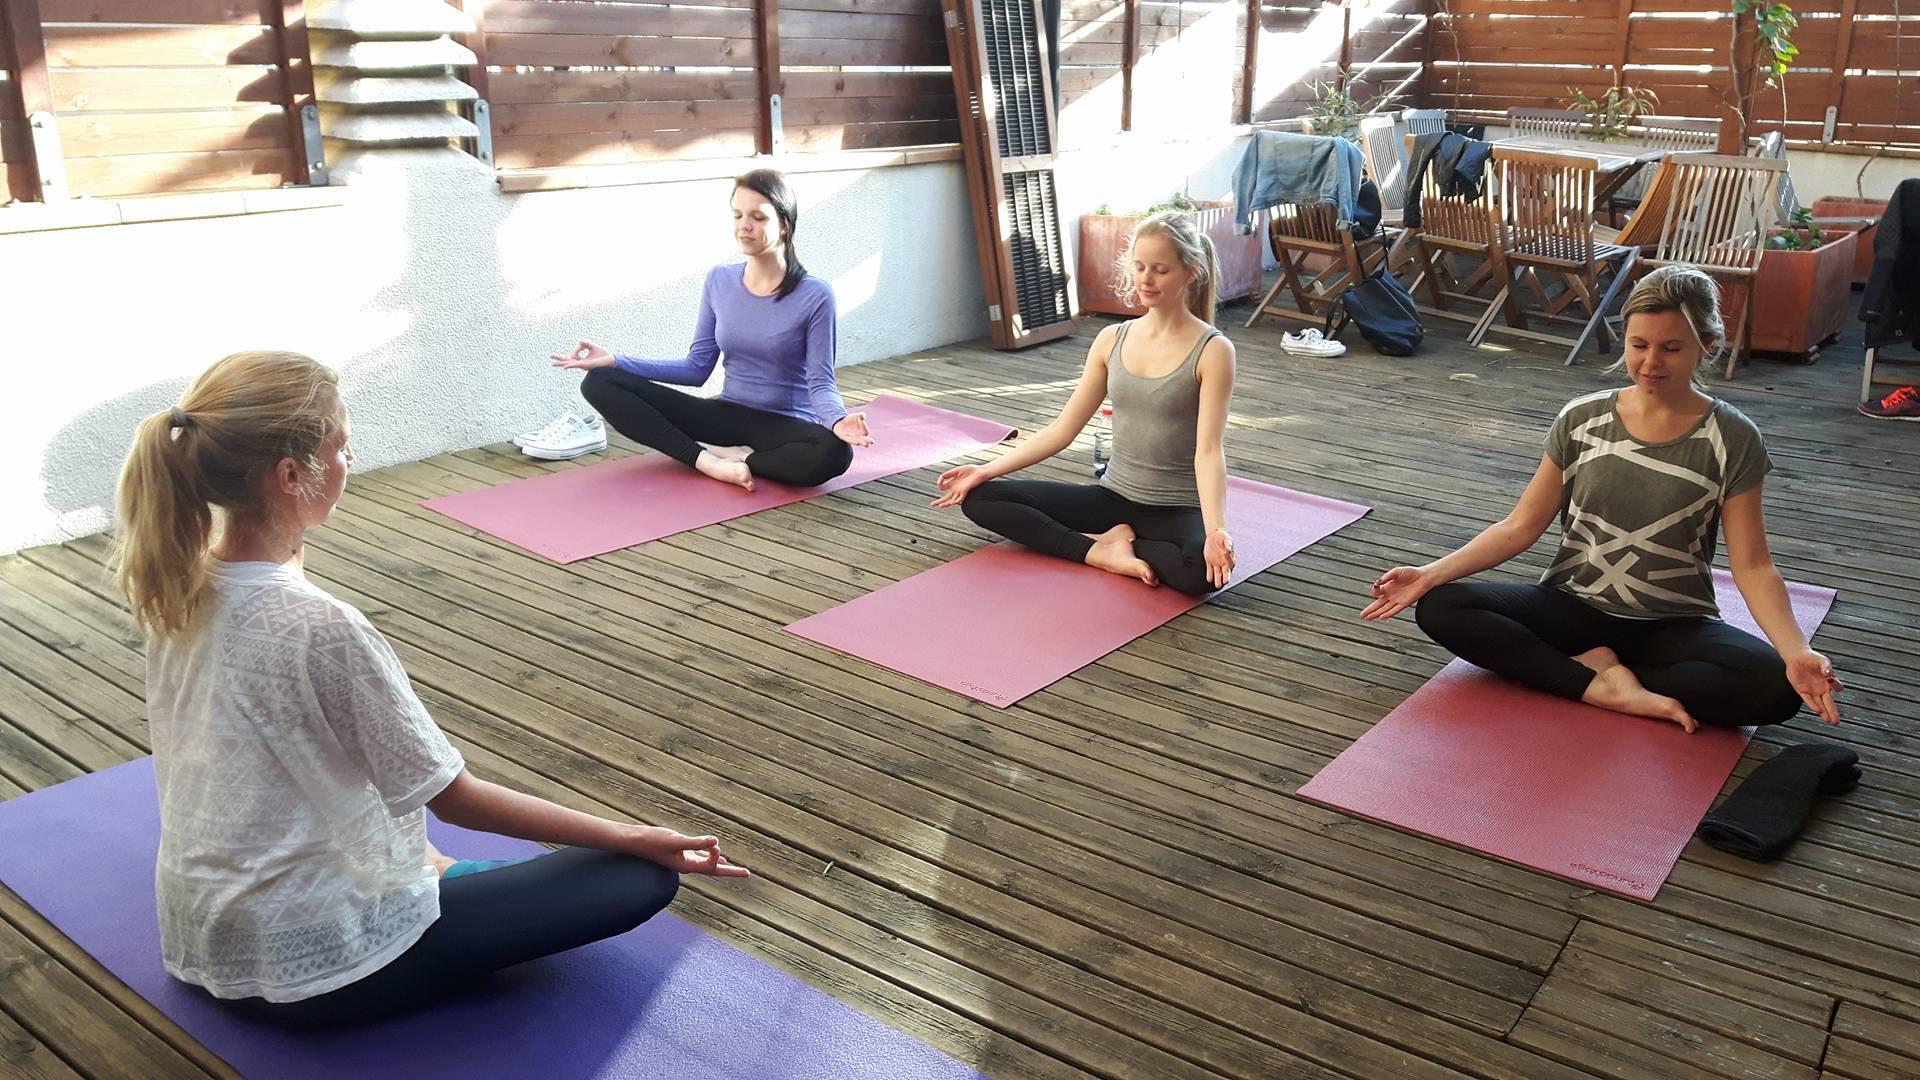 Yoga En La Terraza